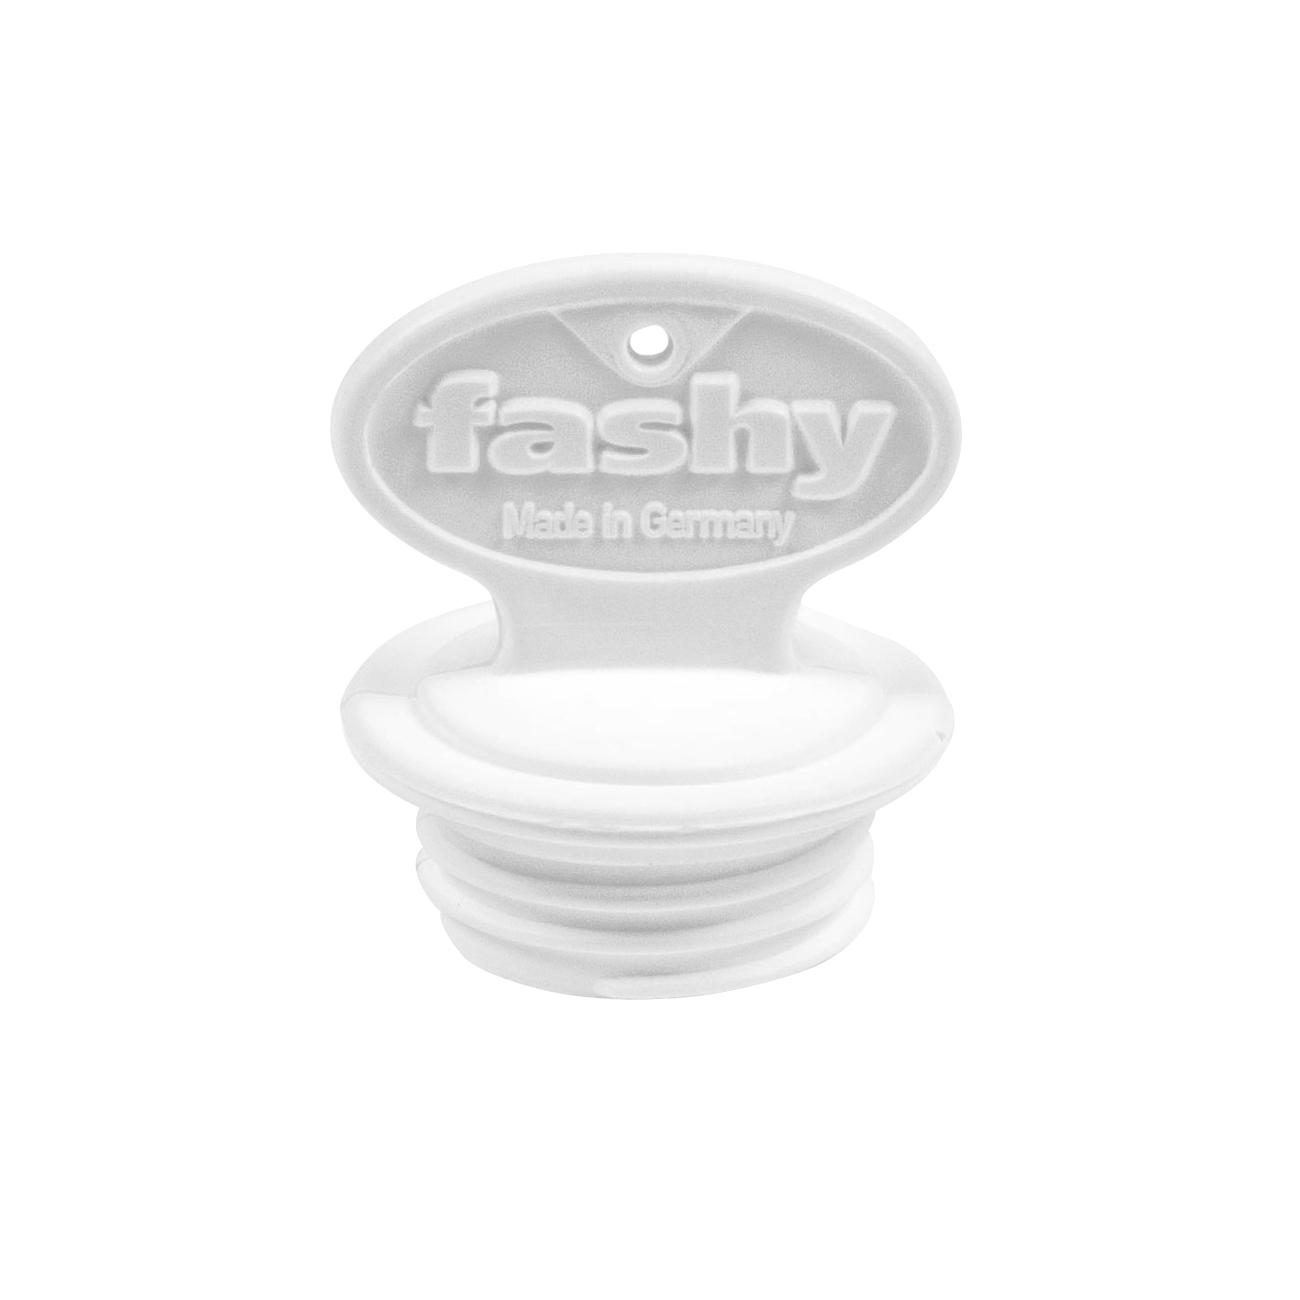 1 Stück fashy 6014 Wärmflaschen Ersatz-Verschluss groß Gewinde Ø 29 mm weiß